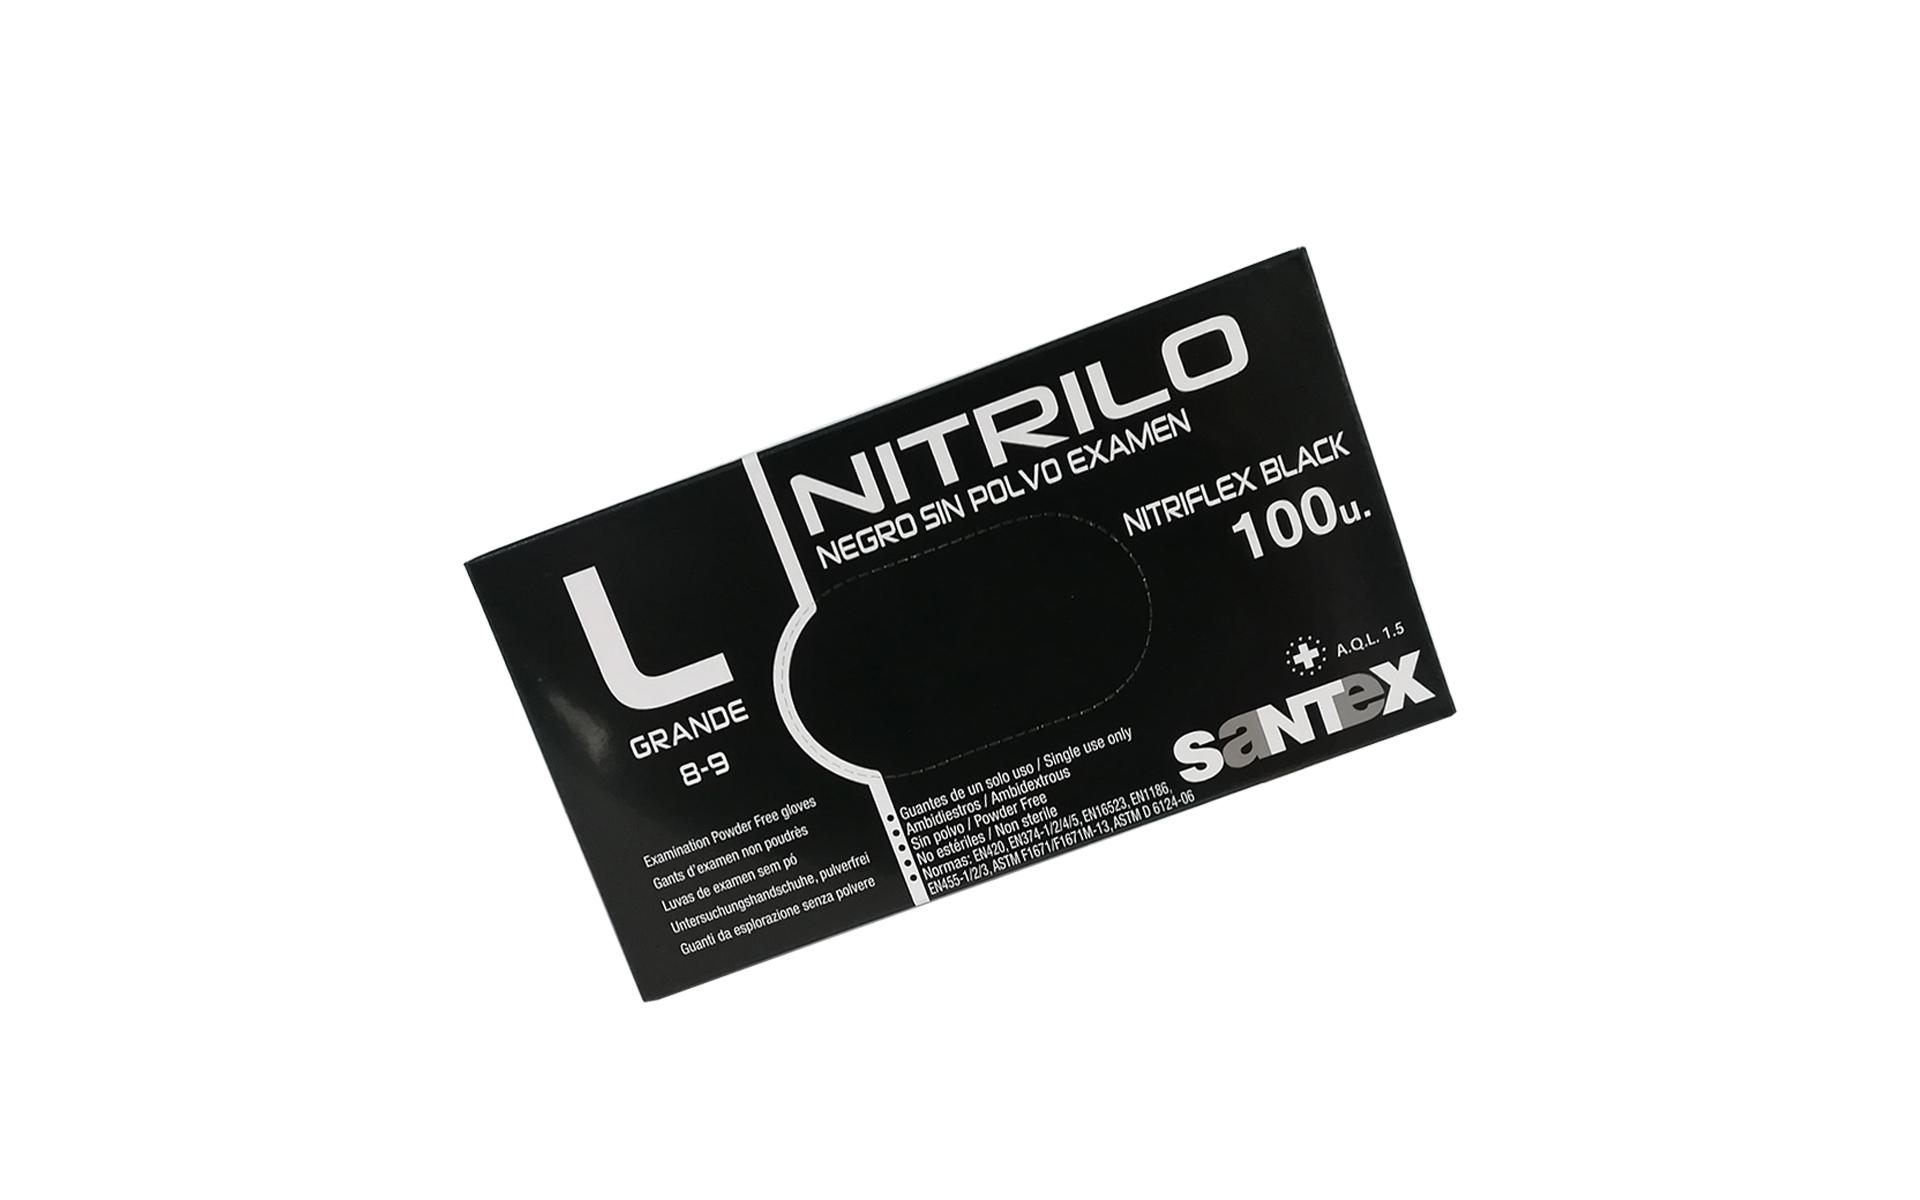 Guante nitrilo light negro G